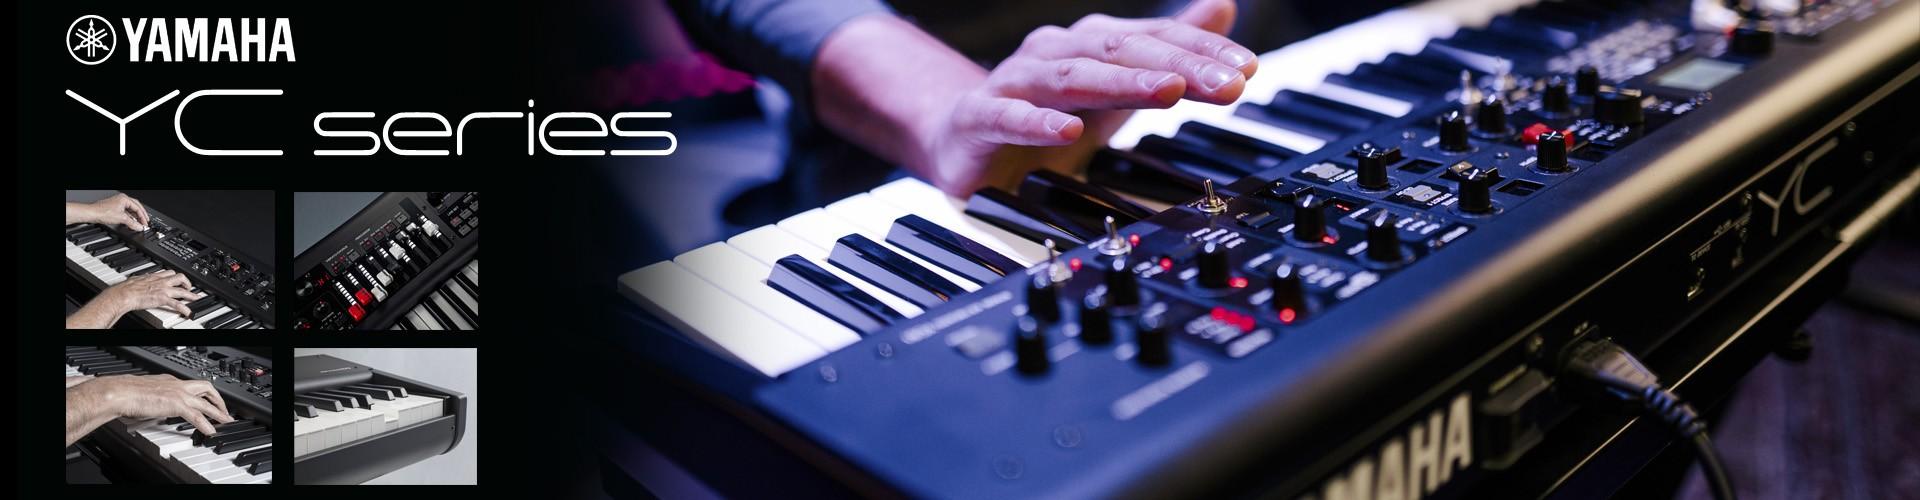 Teclados de escenario Yamaha YC